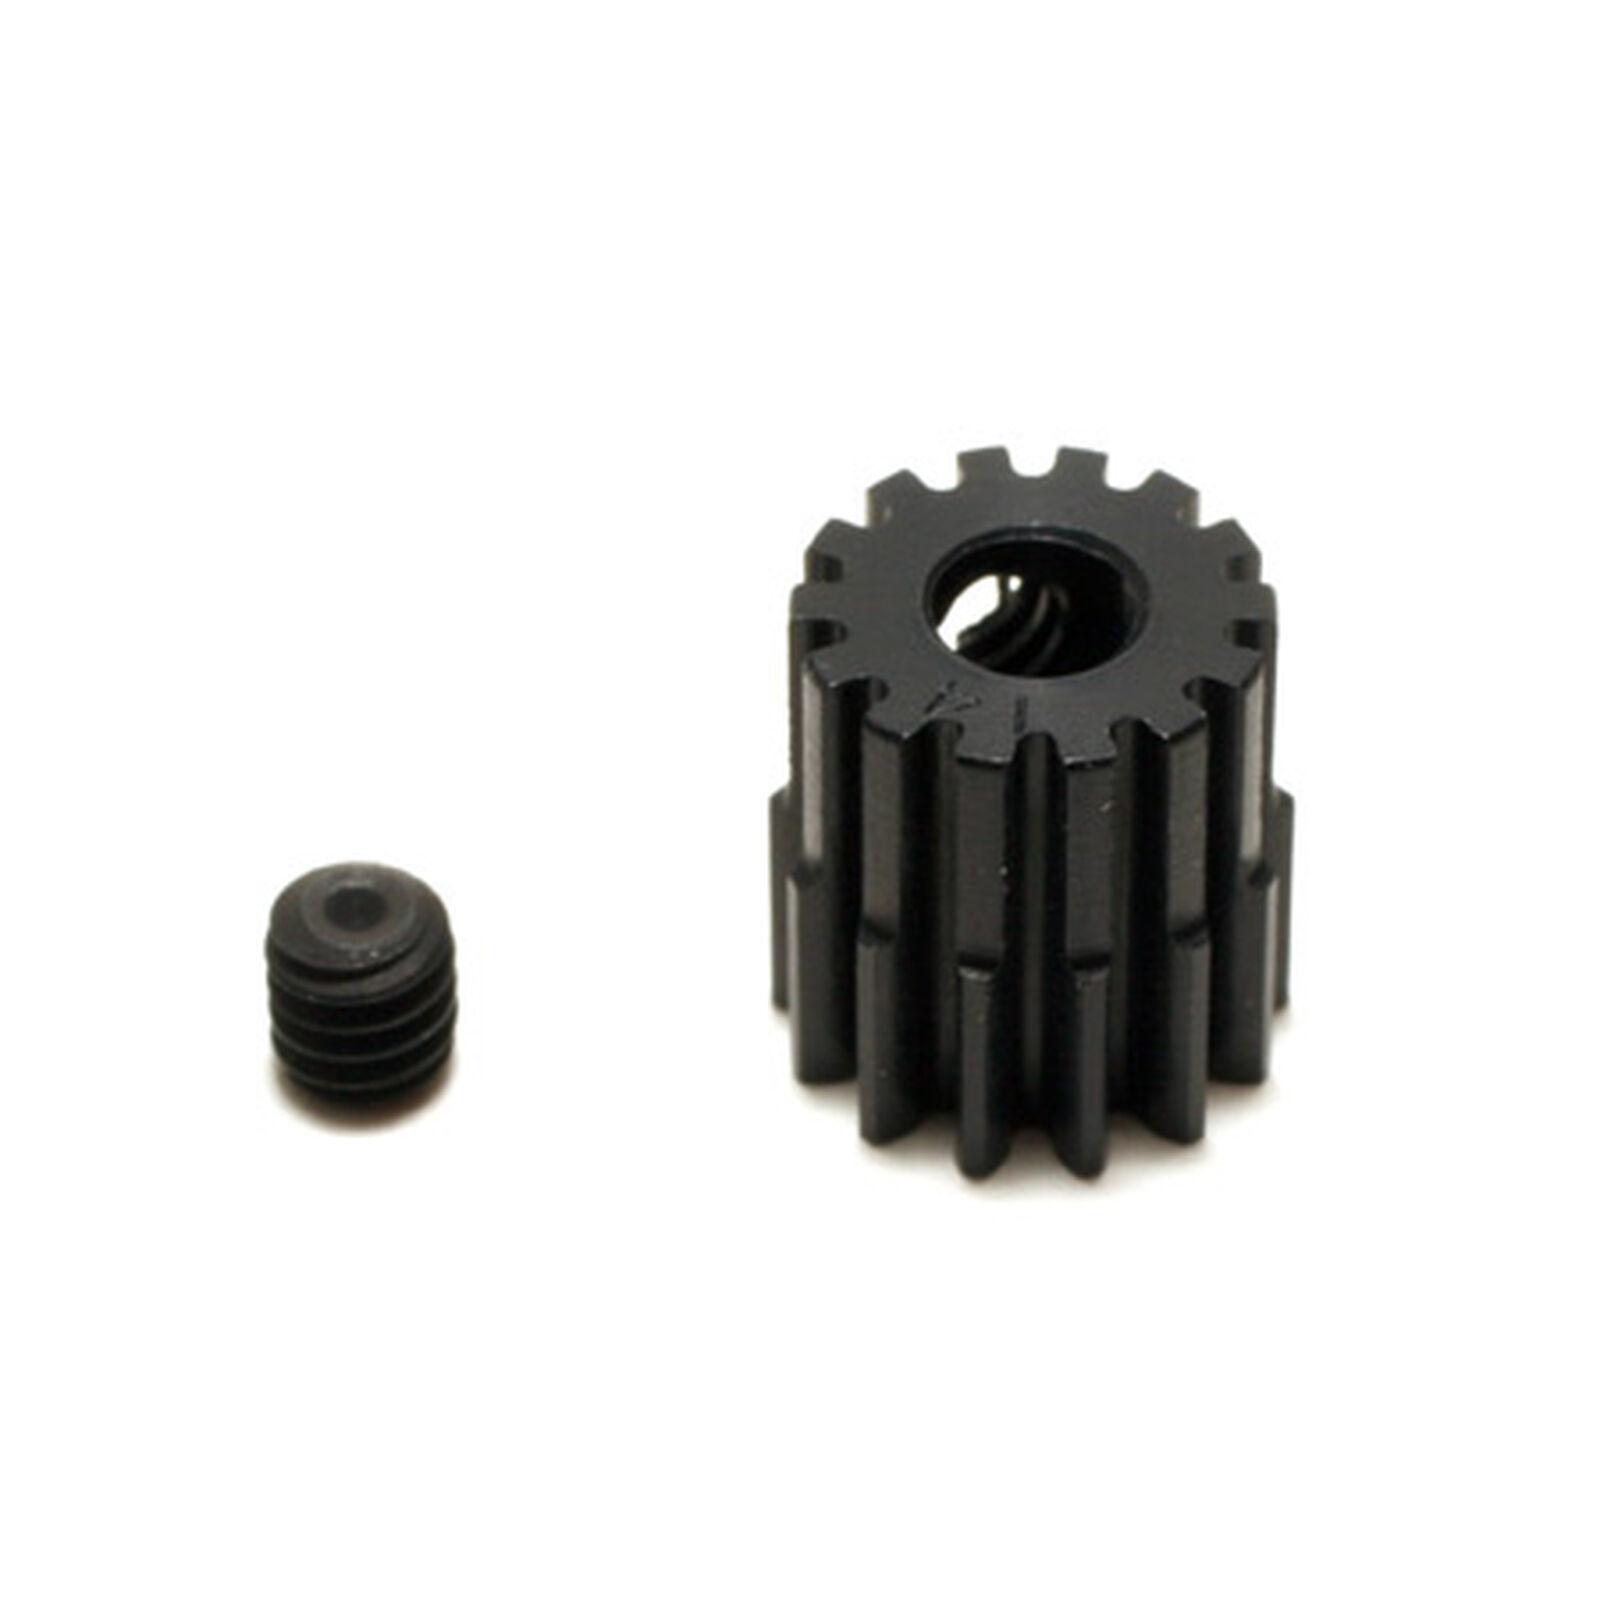 48P Hard Coated Aluminum Pinion Gear, 14T